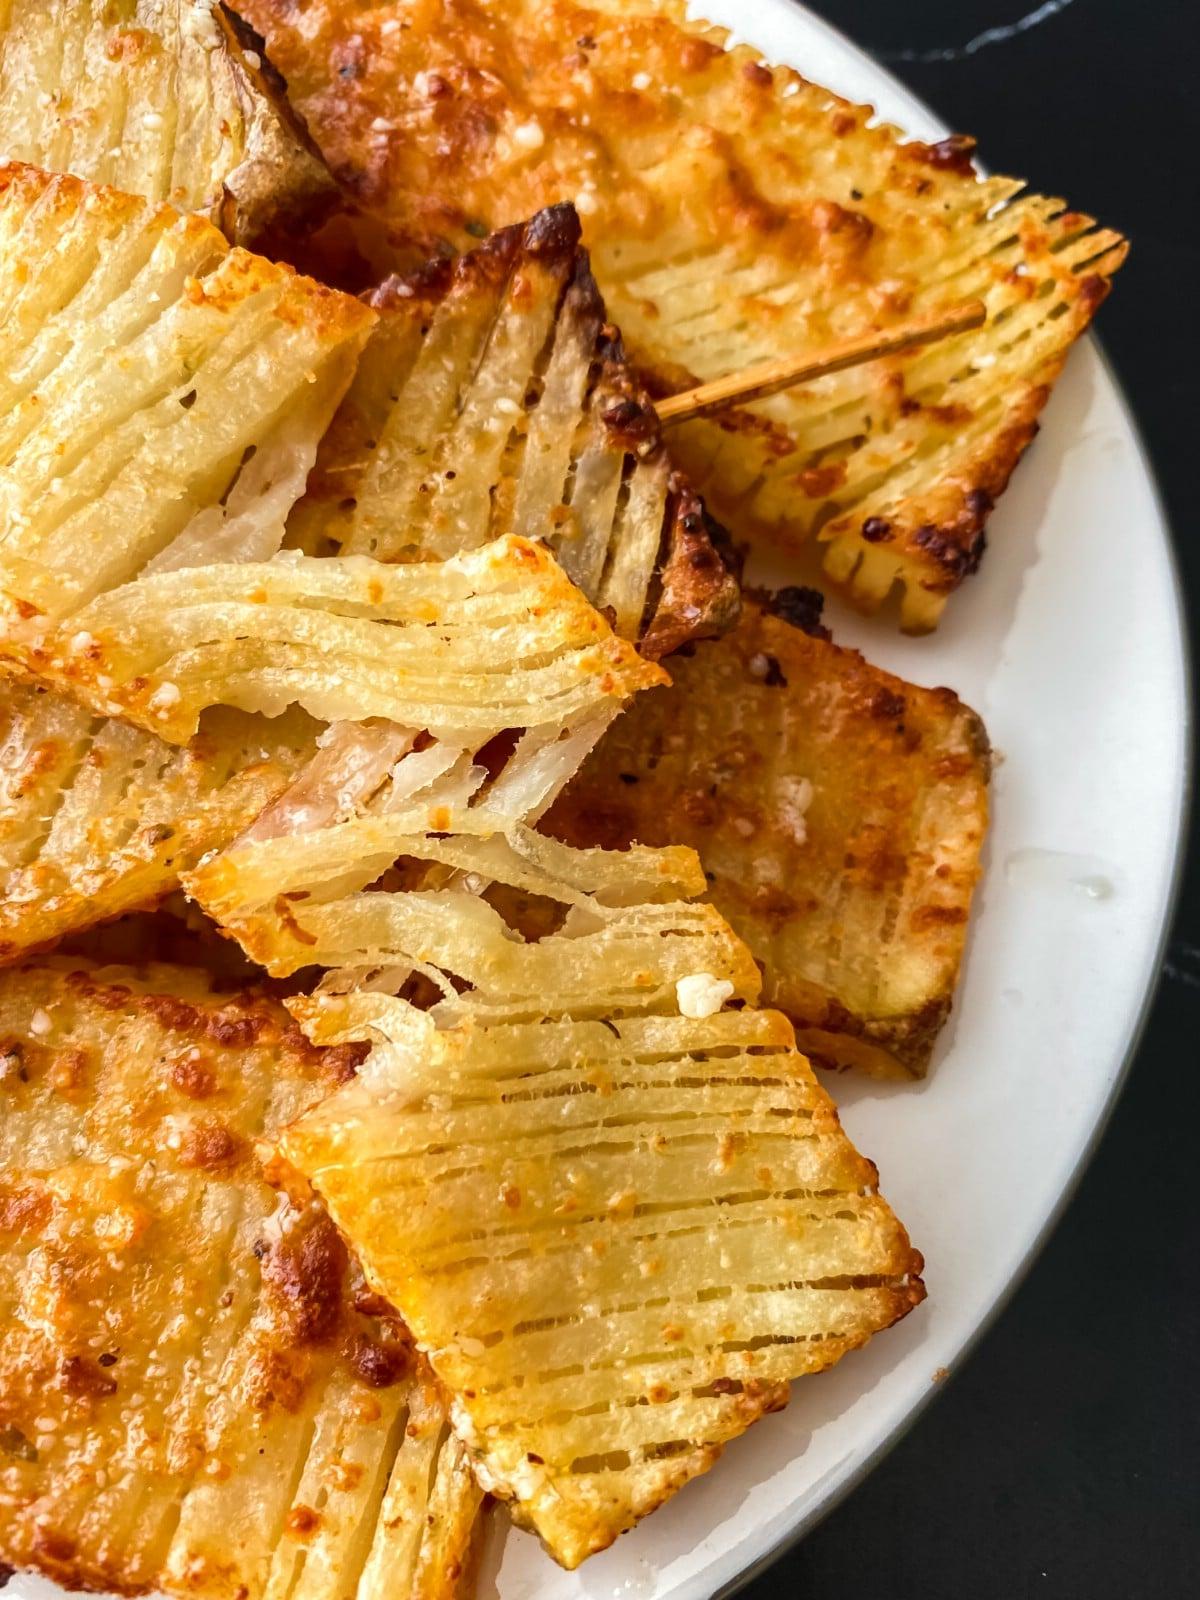 Crispy waffle fries on plate